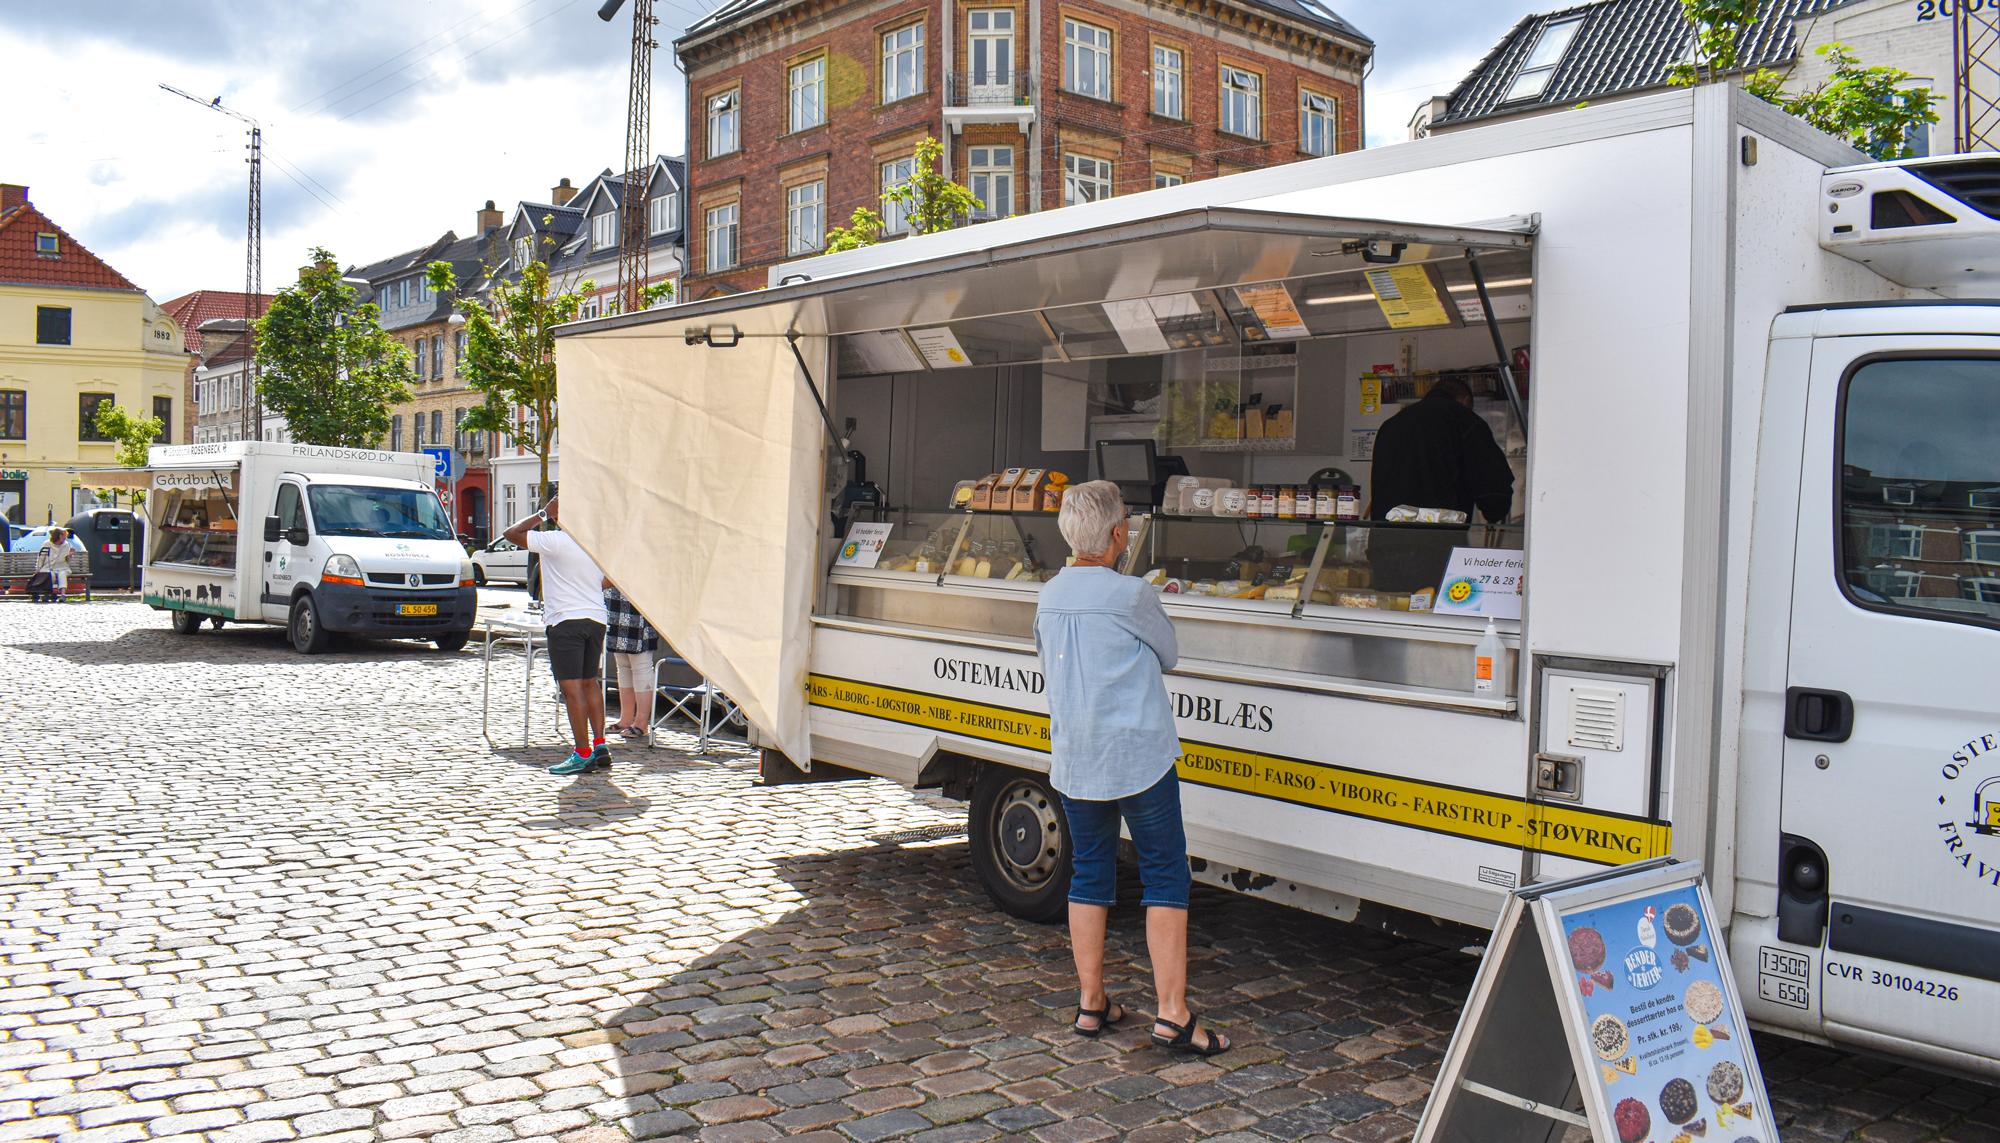 Fra lækre kager til frisk fisk og kød: Det kan du få på Grønttorvet i Aalborg